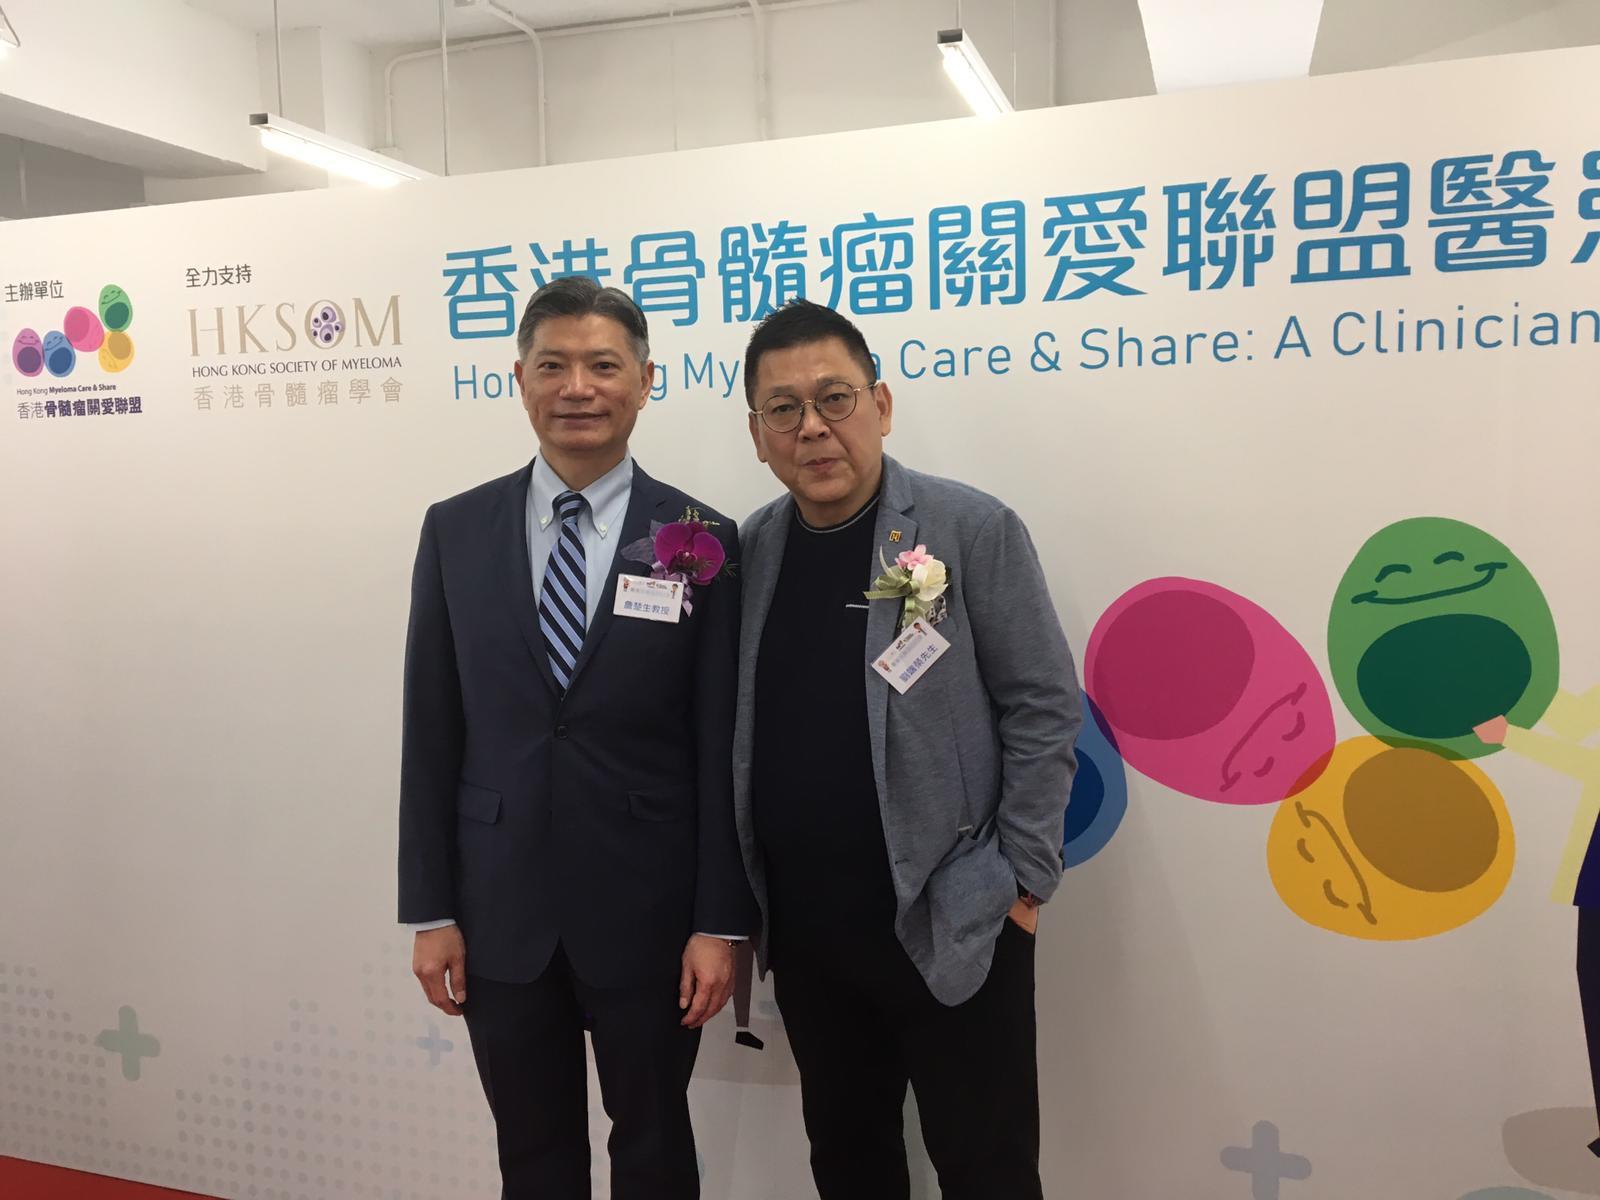 詹楚生(左)建議市民出現腰痛超過3個月,便應驗血及抽骨髓檢查。以免延誤治療。 右為患者劉先生。